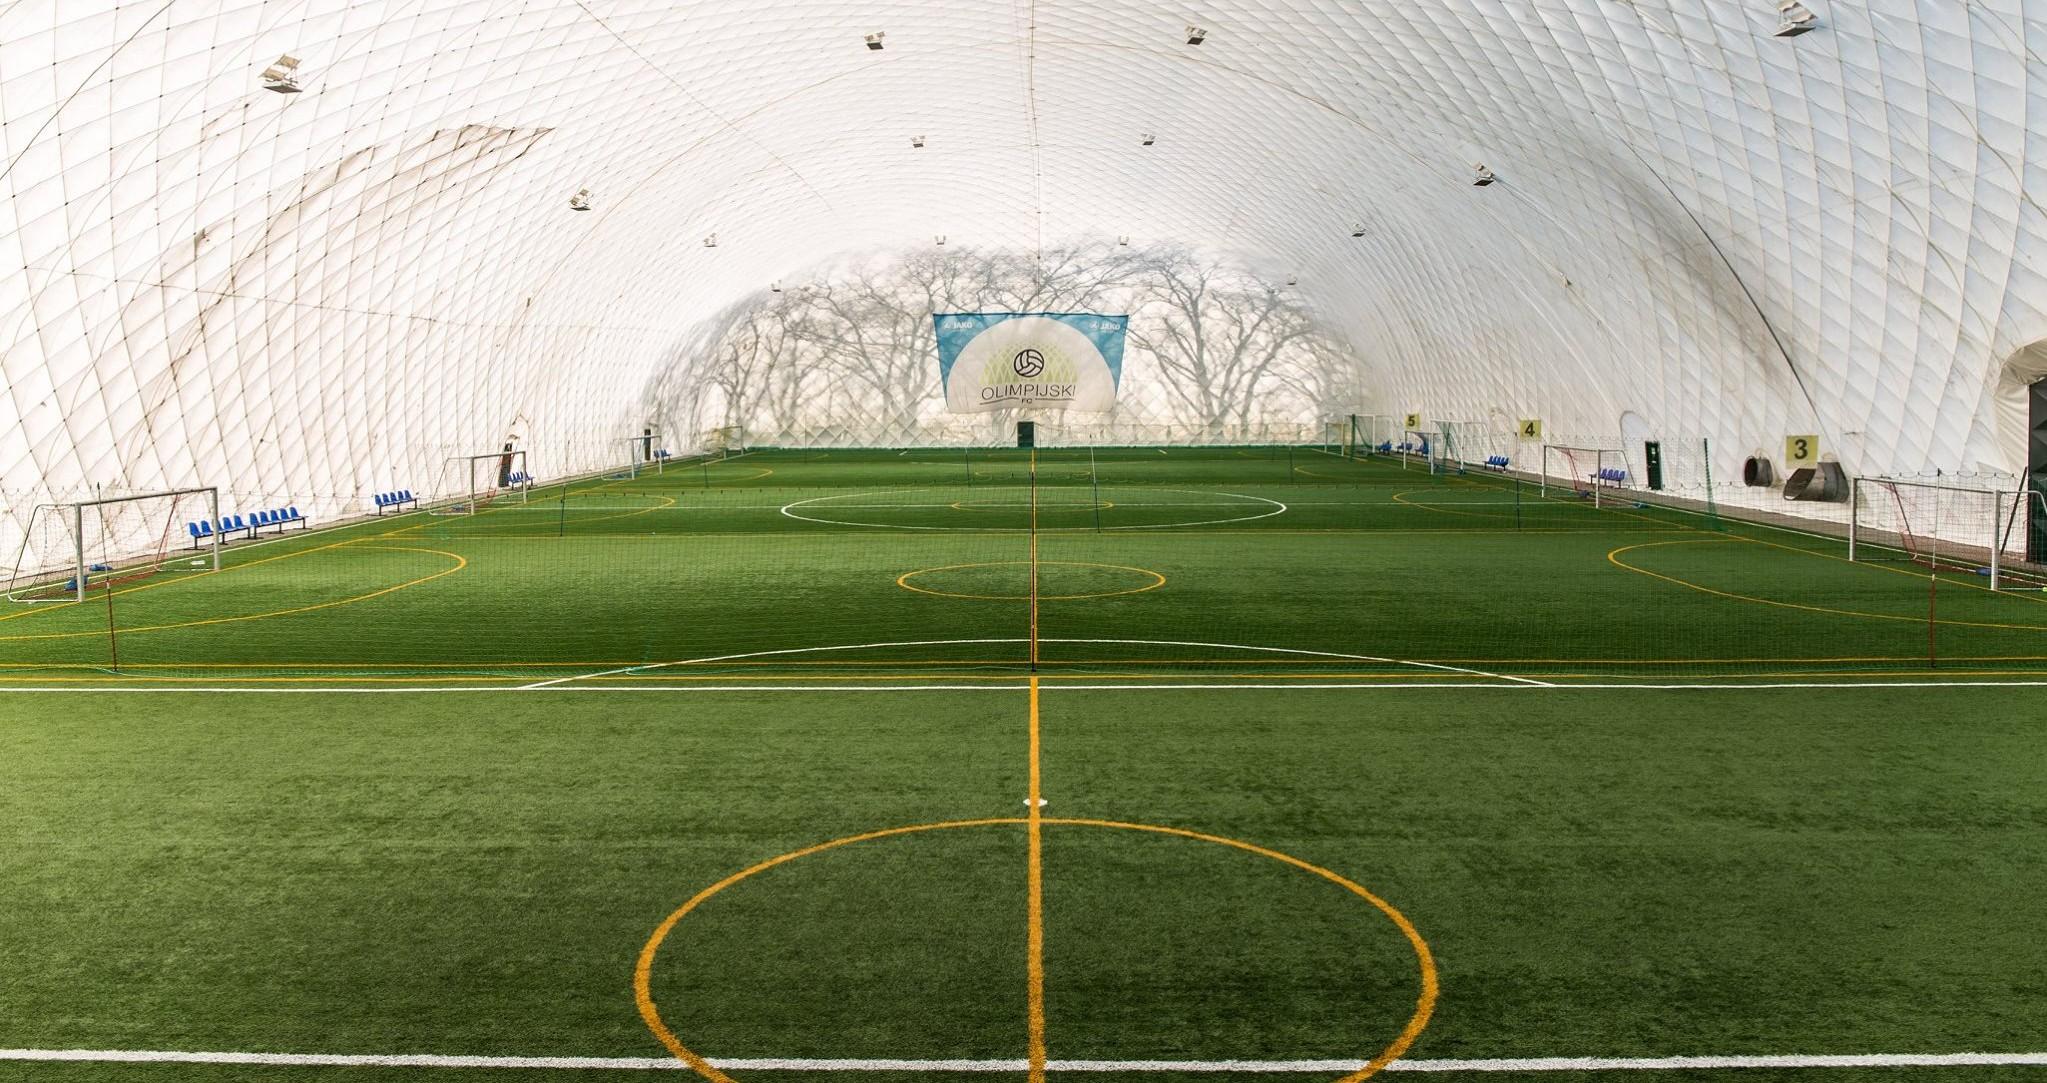 Balon Olimpijski FC